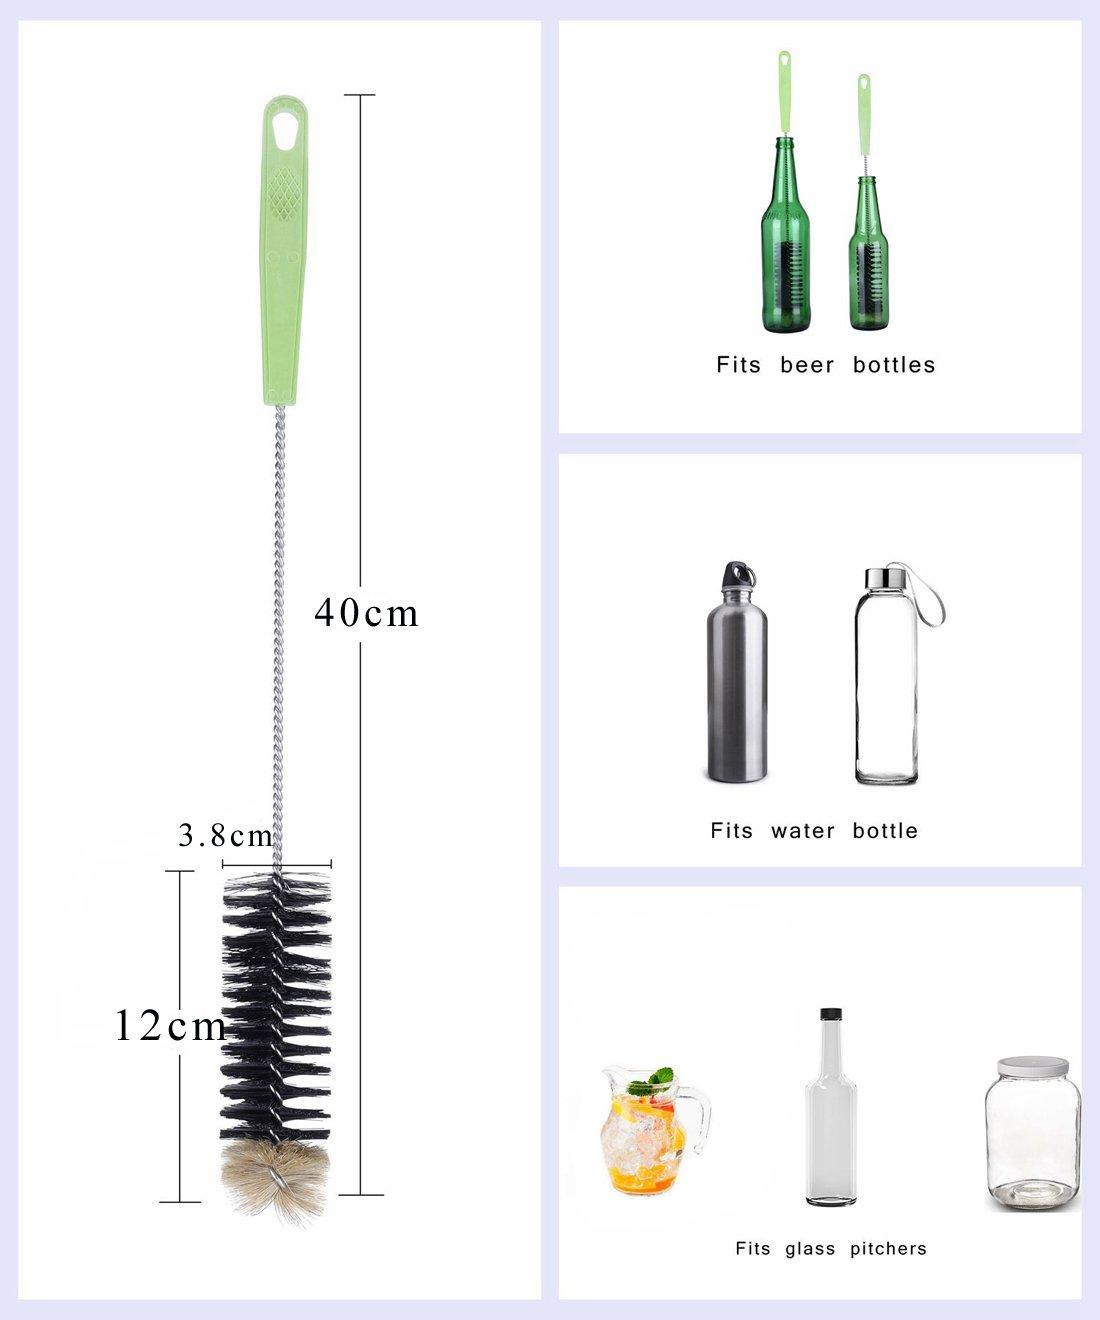 Cepillo de Botellas,Cepillo de Limpieza con Largo Mango Ideal Para Limpiar Botellas de cerveza estrecha,, Termos, Carafes, (40cm): Amazon.es: Hogar